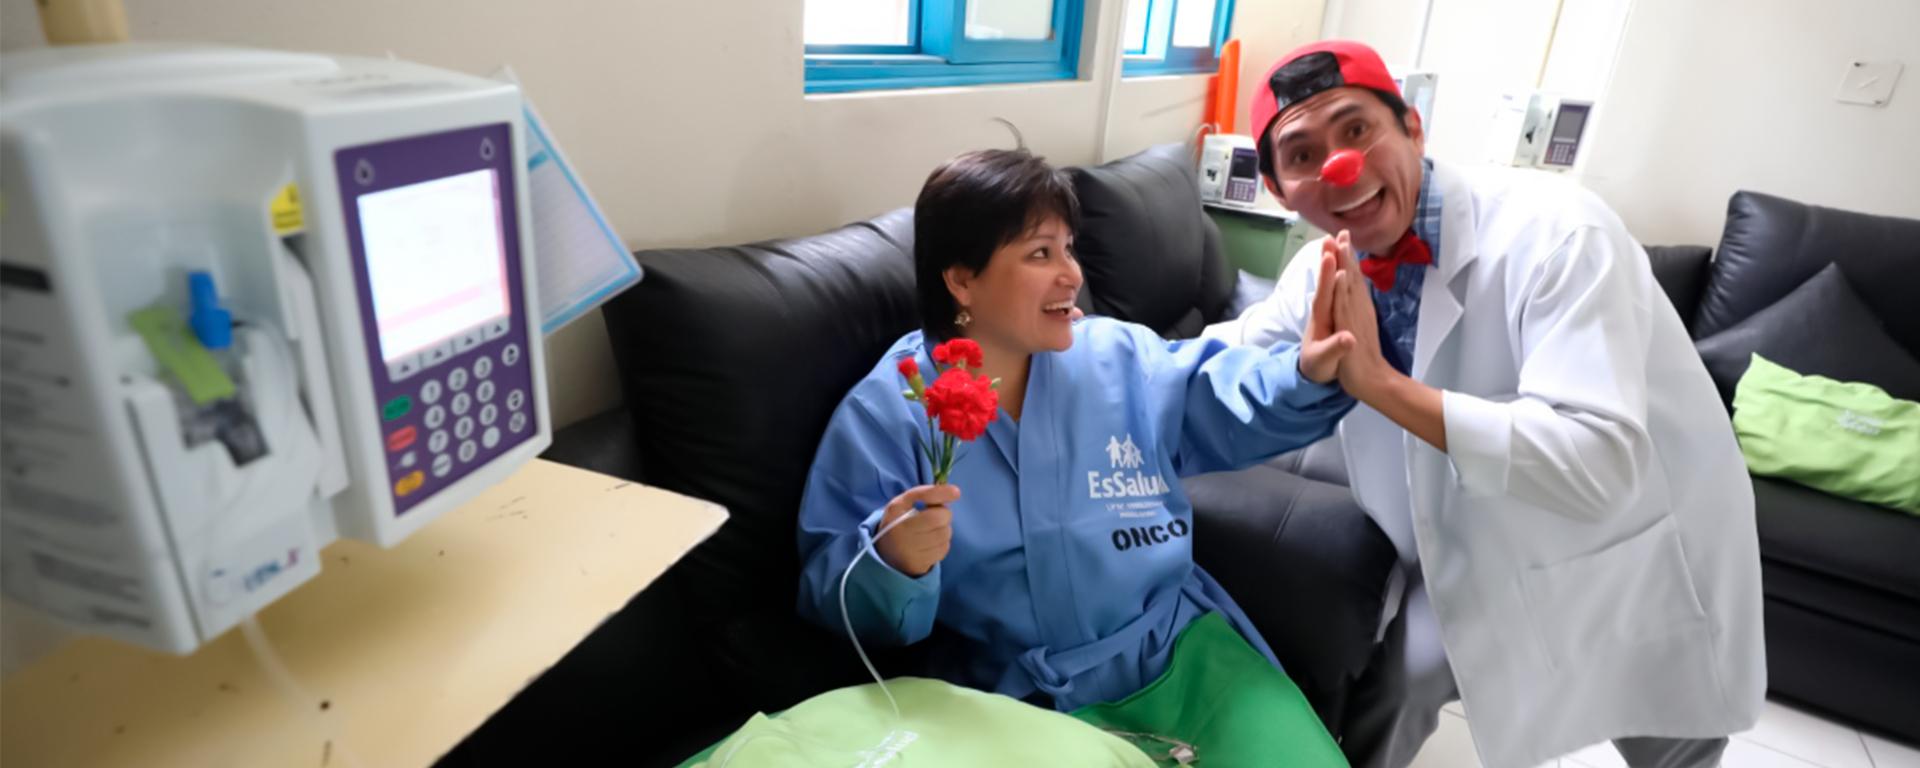 Essalud - EsSalud implementa terapia de la risa para levantar ánimo a pacientes oncológicos en Tacna